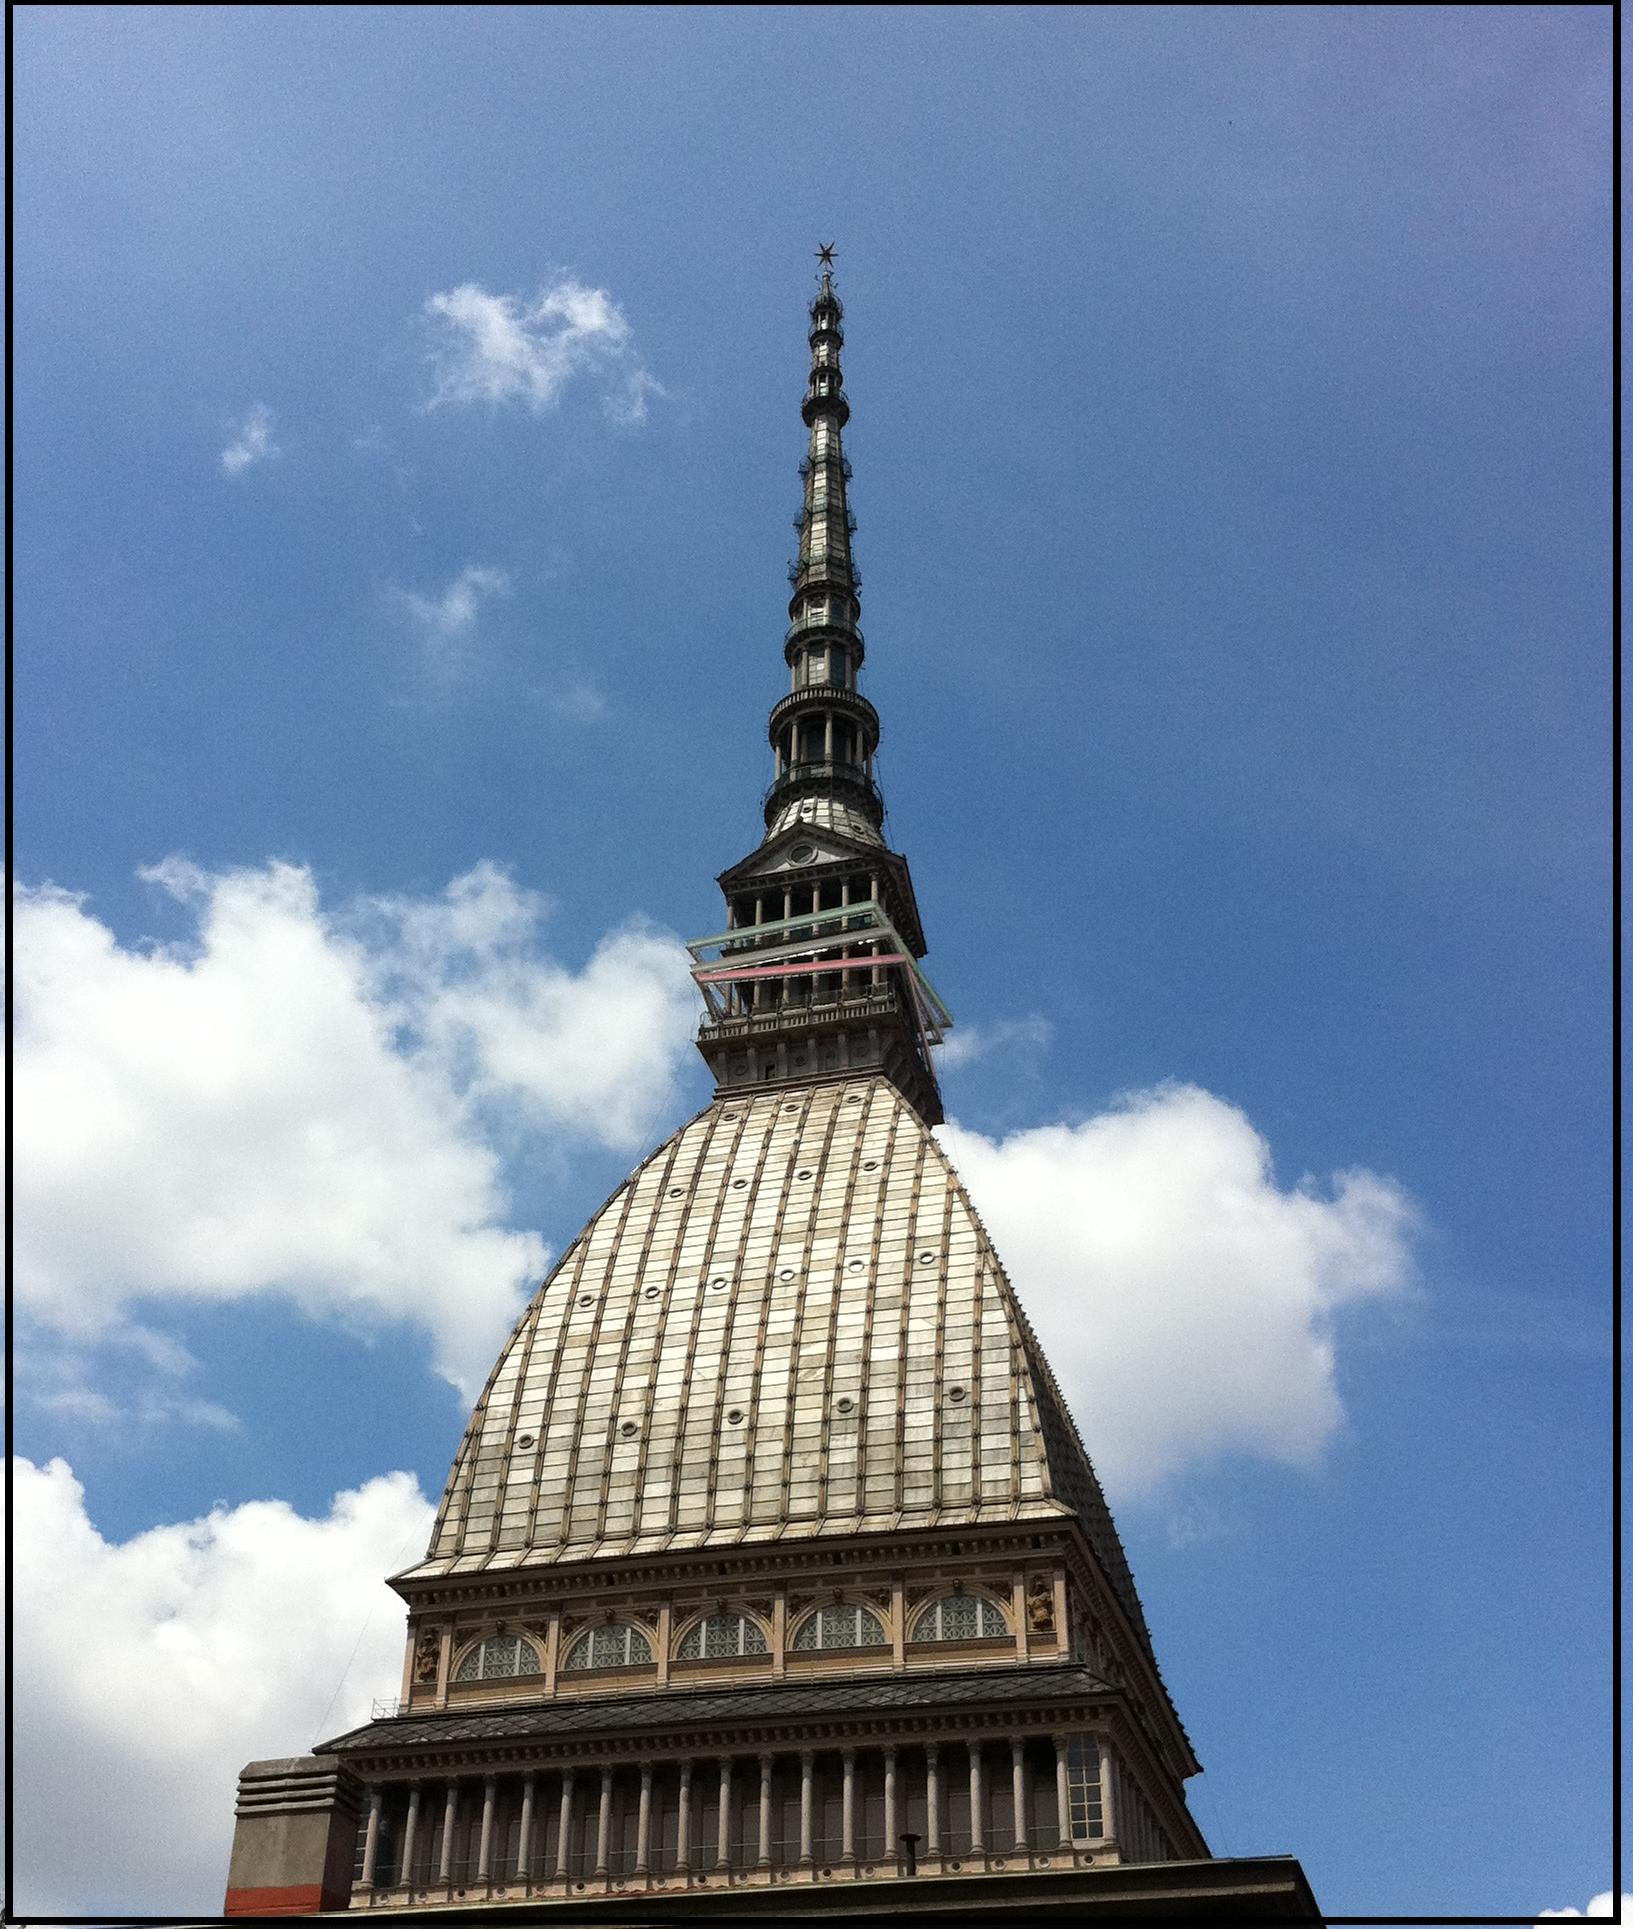 storia Mole Antonelliana Torino